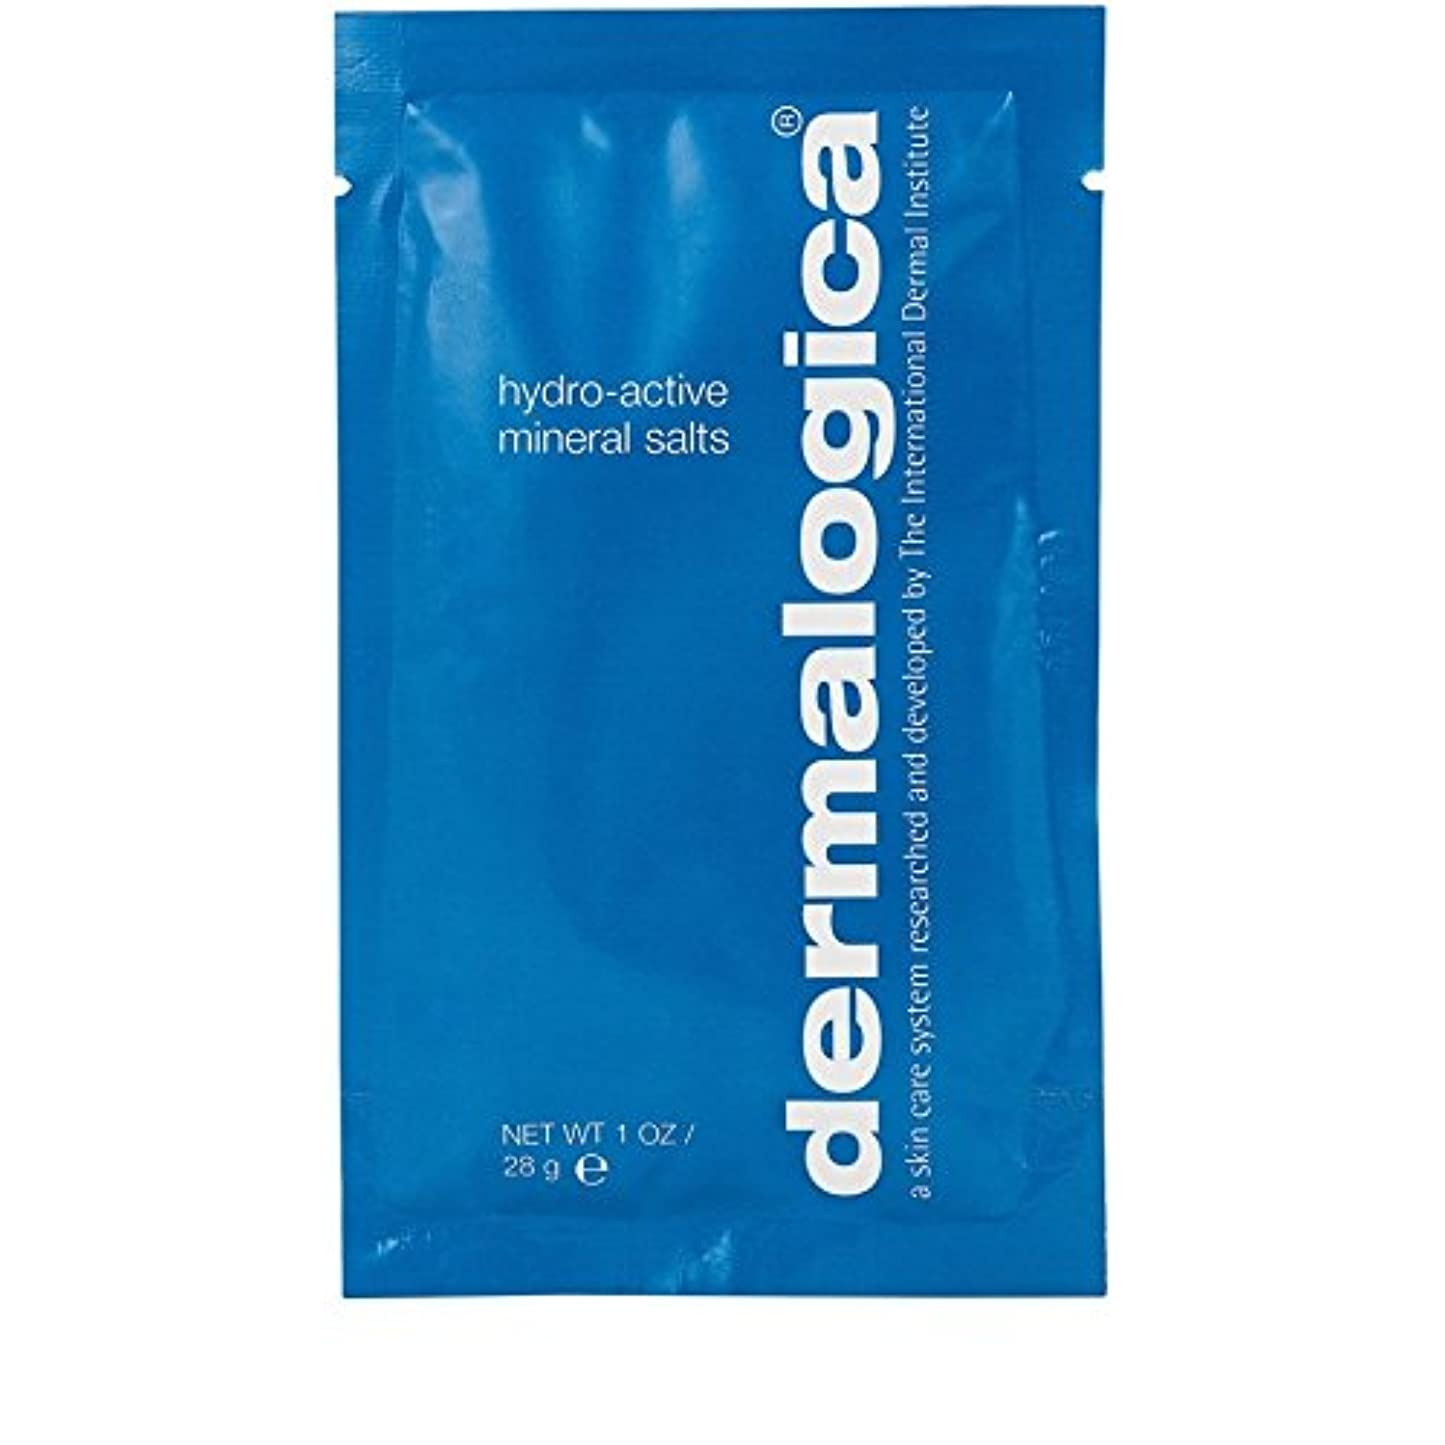 溶けるただやる天文学ダーマロジカ水力アクティブミネラル塩28グラム x2 - Dermalogica Hydro Active Mineral Salt 28g (Pack of 2) [並行輸入品]